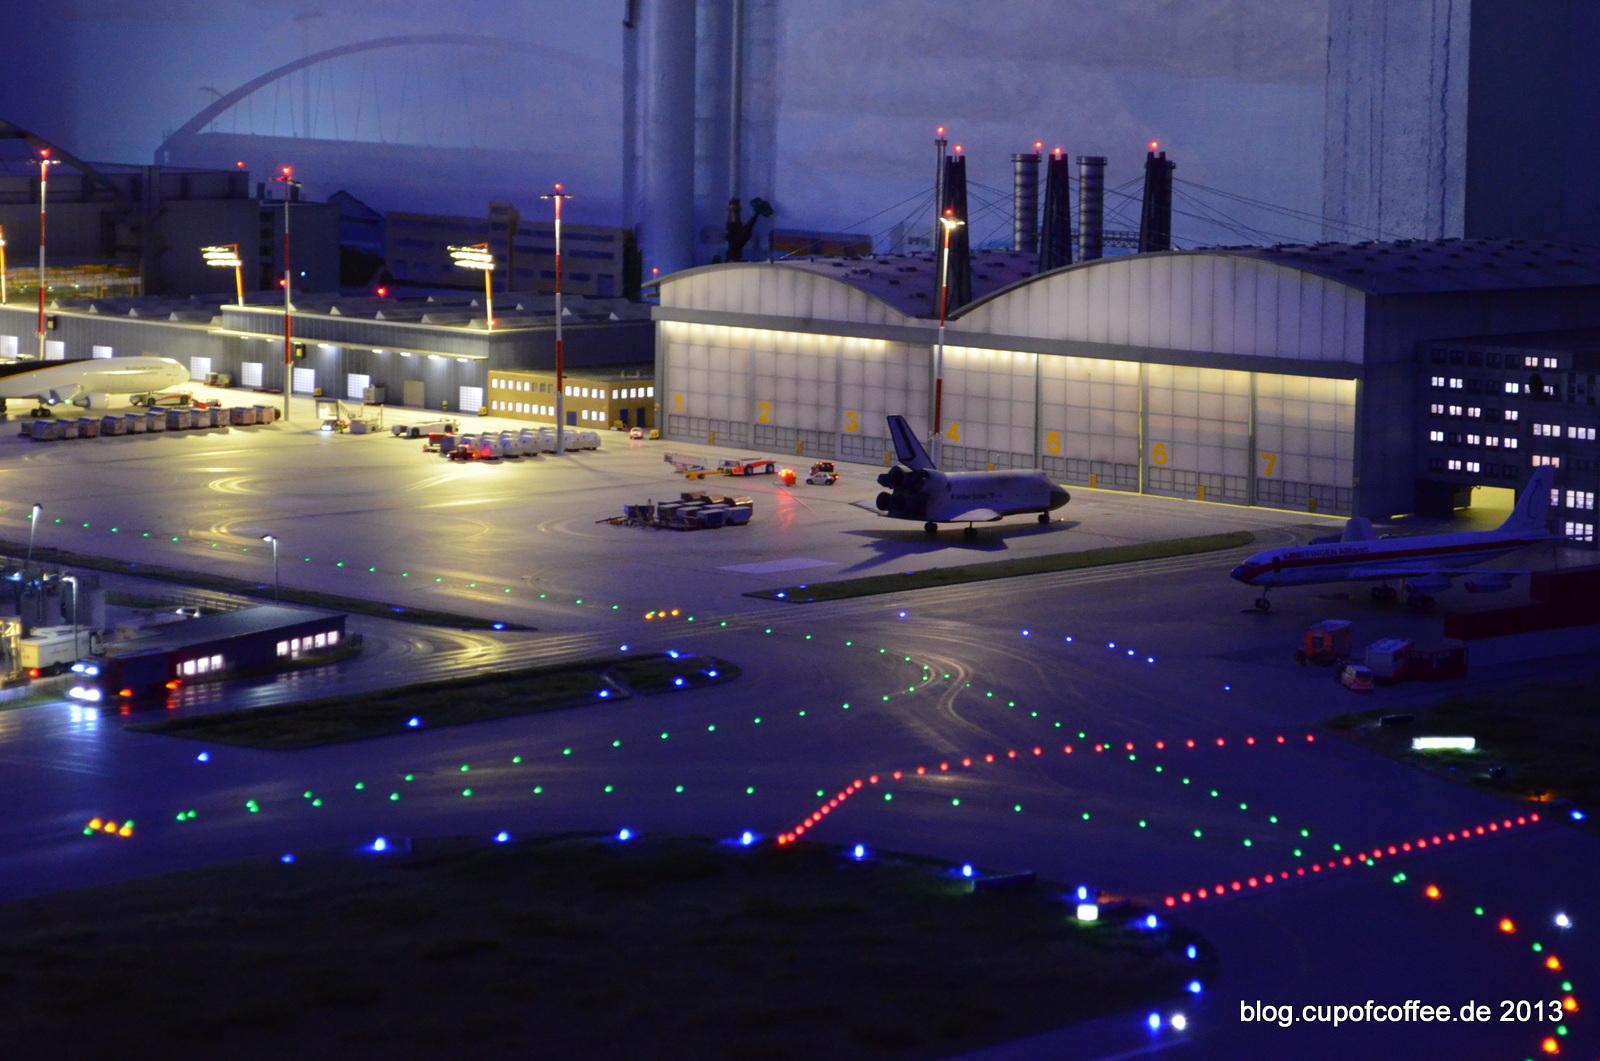 Atlantis parkt normalerweise vor dem Hangar.